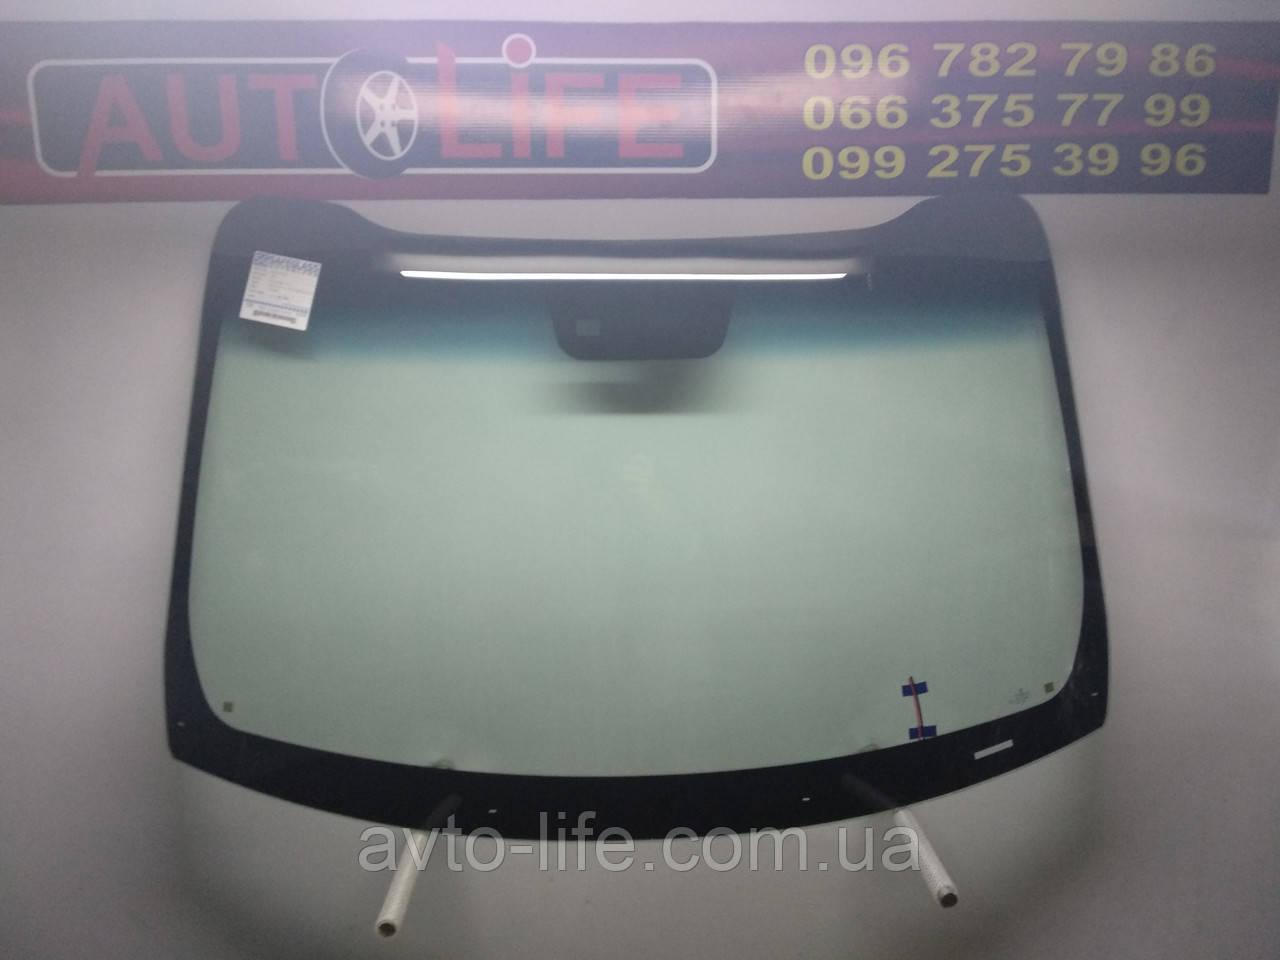 Лобовое стекло NISSAN QASHQAI (2007-2014 г.) с датчиком дождя и/или света | Автостекло Ниссан Кашкай